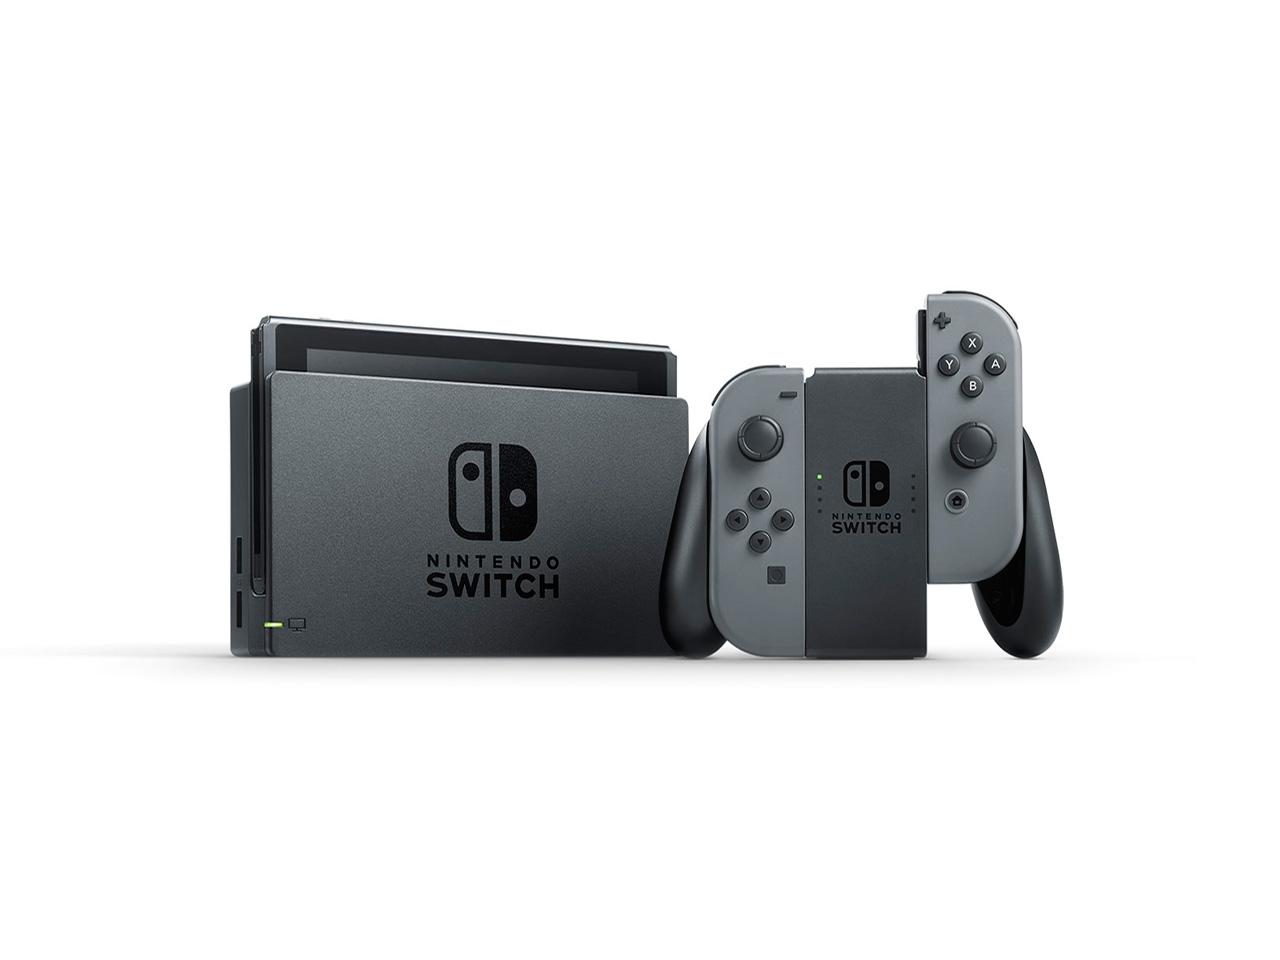 『本体3』 Nintendo Switch [グレー] の製品画像